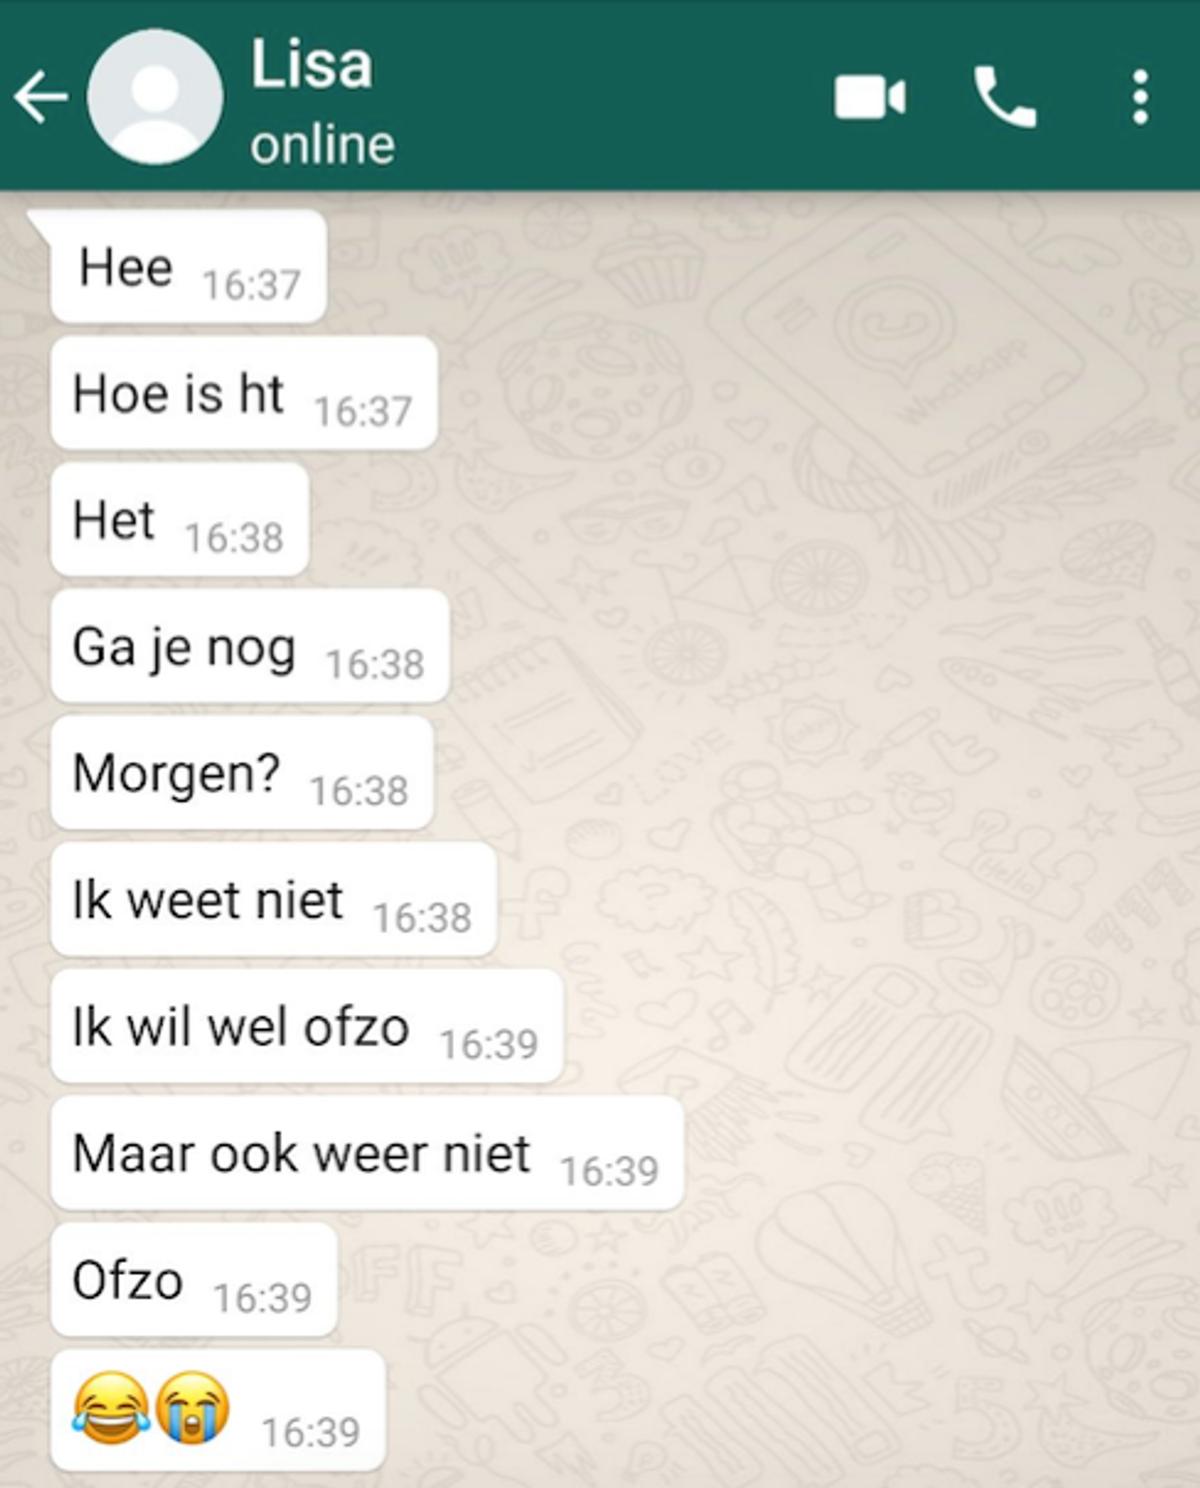 De_opsplitser_whatsapp